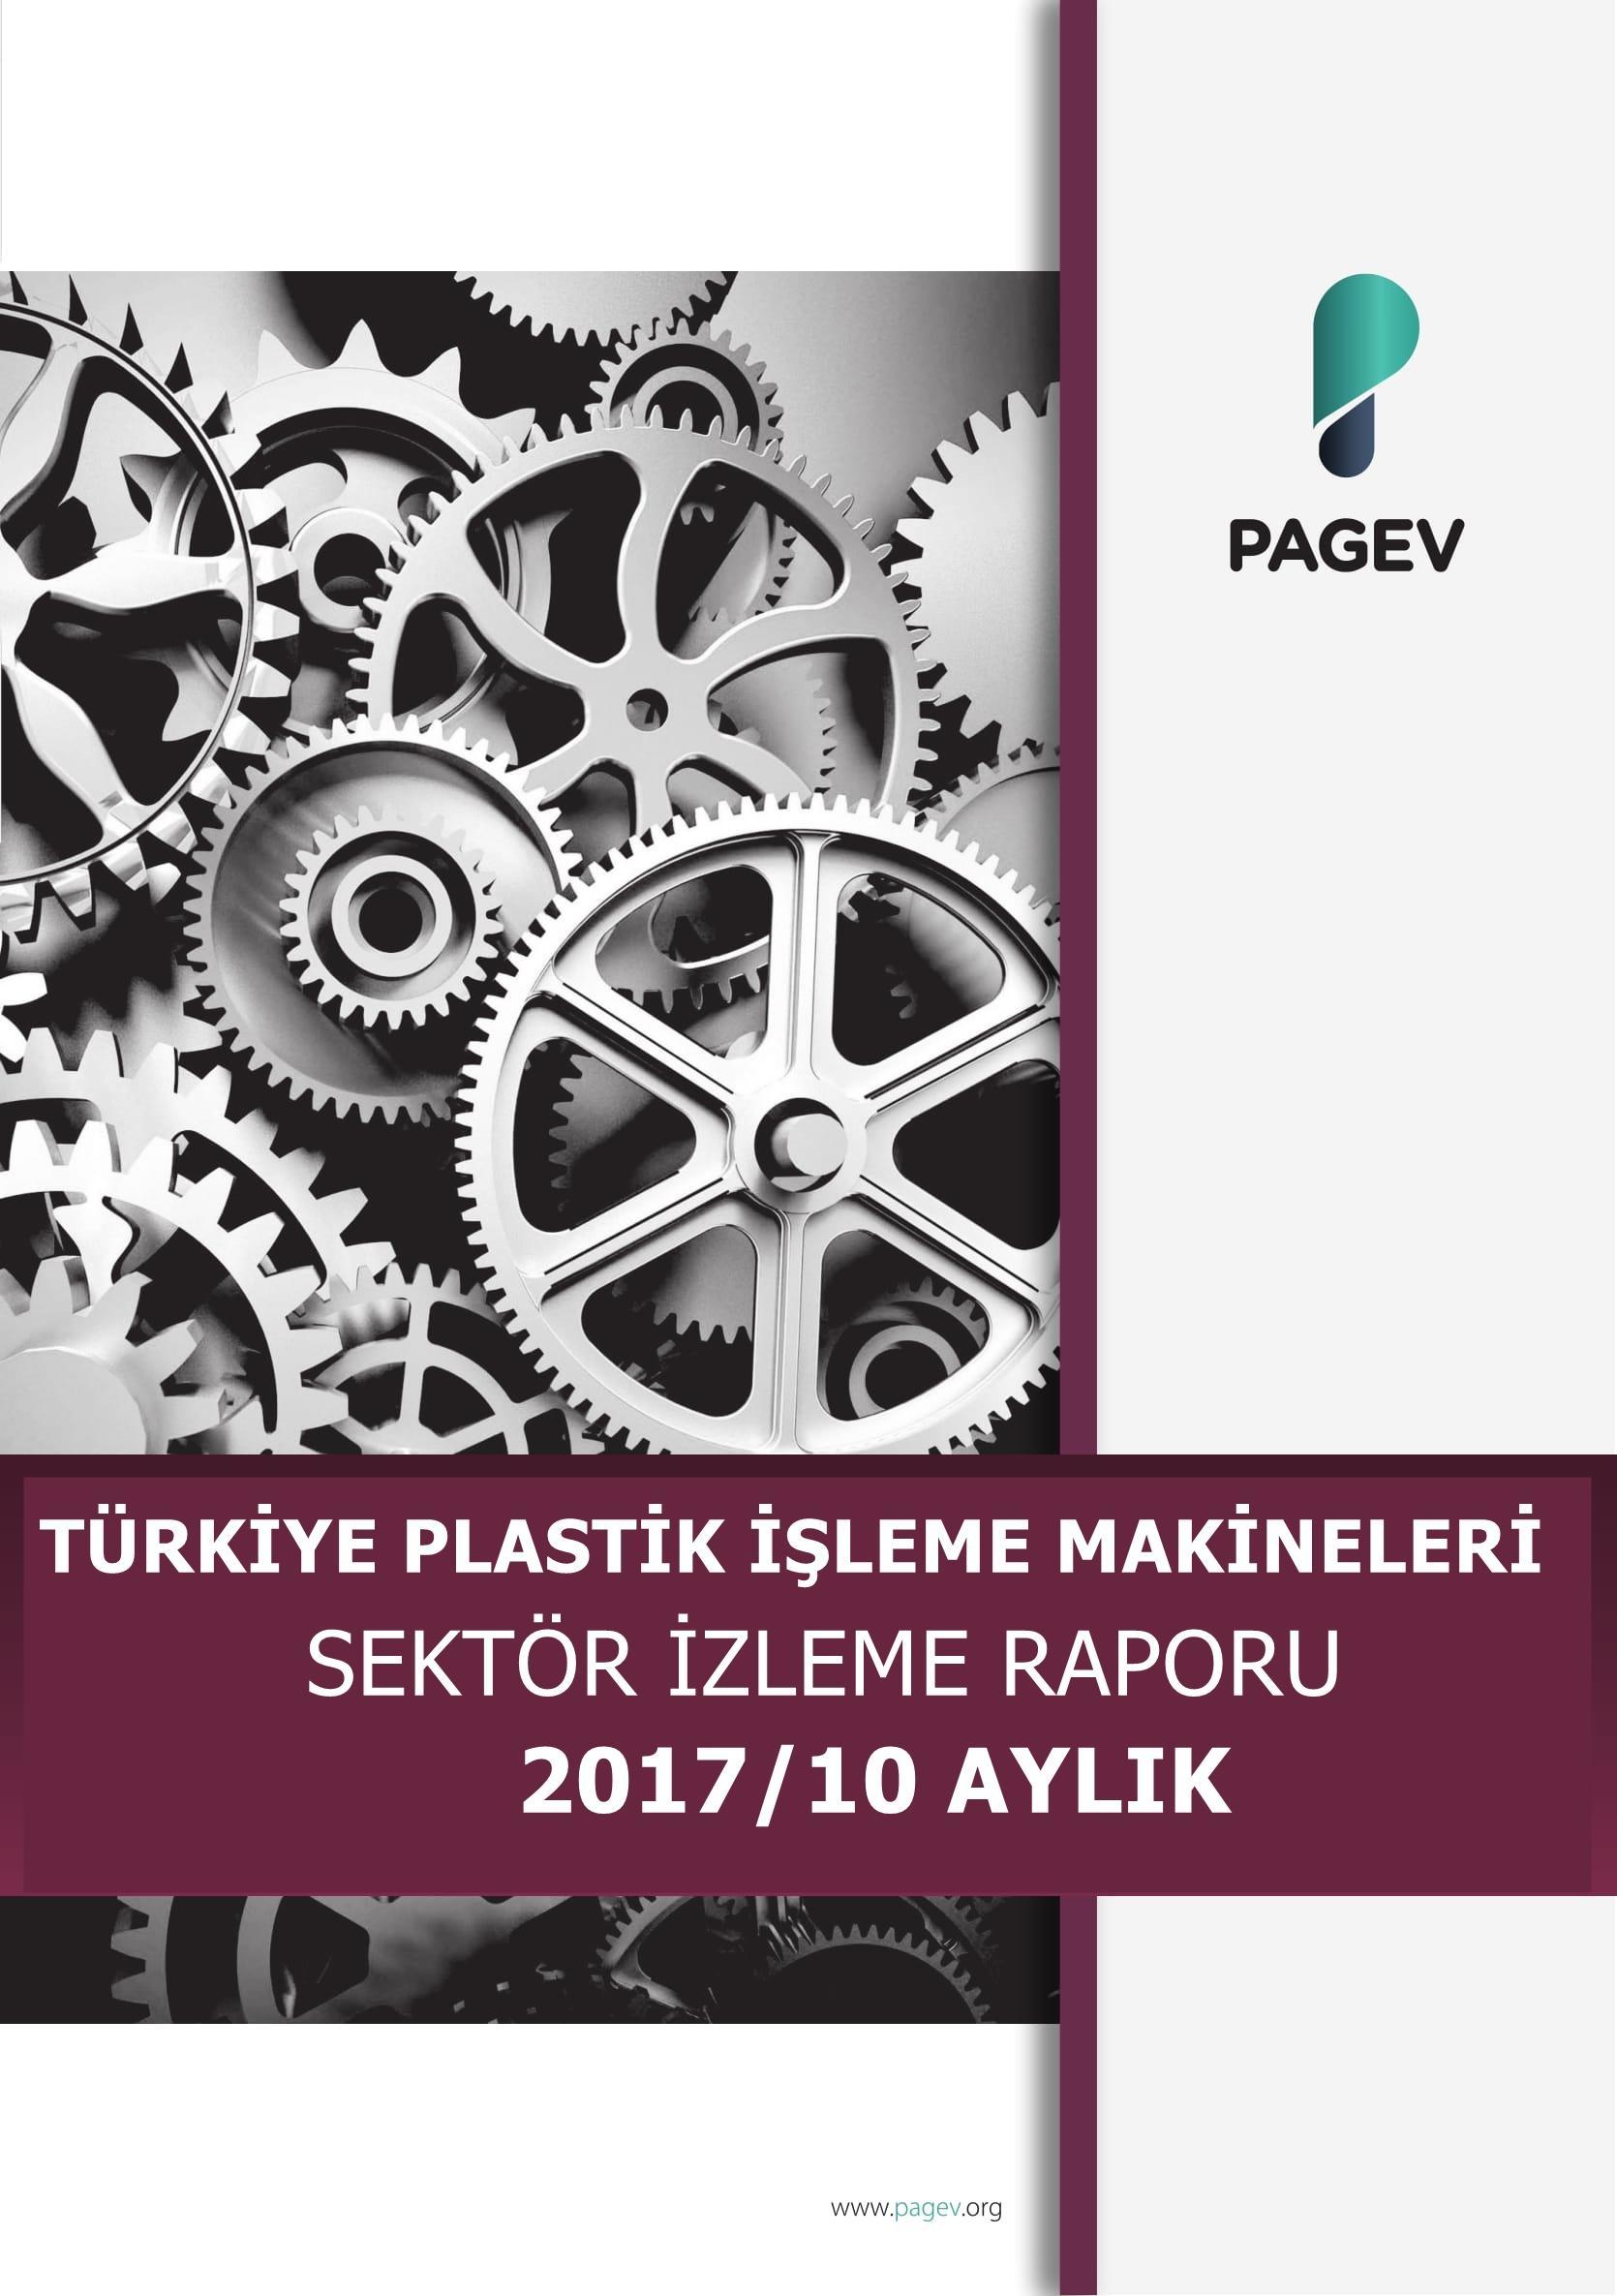 Türkiye Plastik İşleme Makineleri Sektör İzleme Raporu 2017/10 Aylık (Yıl Sonu Tahminli)